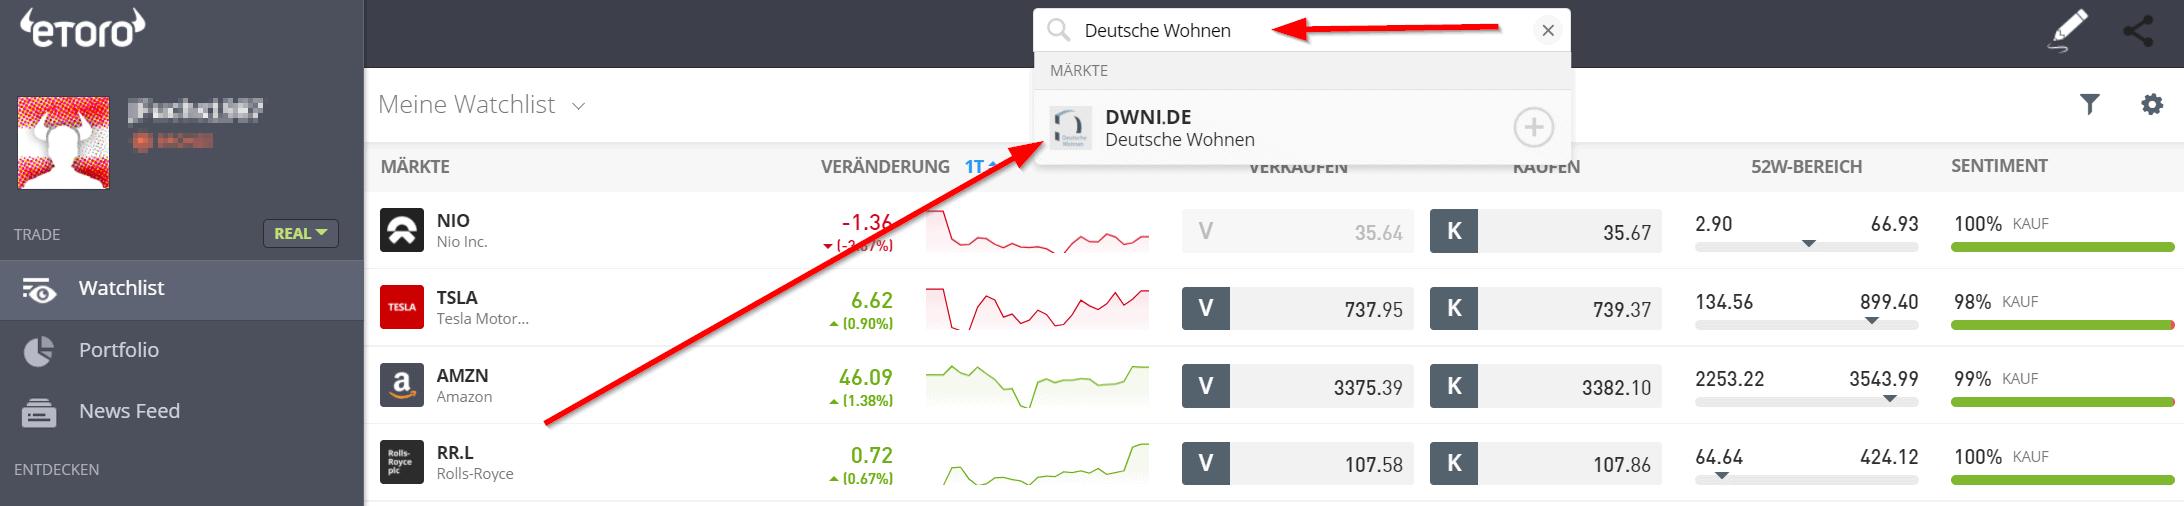 Deutsche Wohnen Aktie kaufen